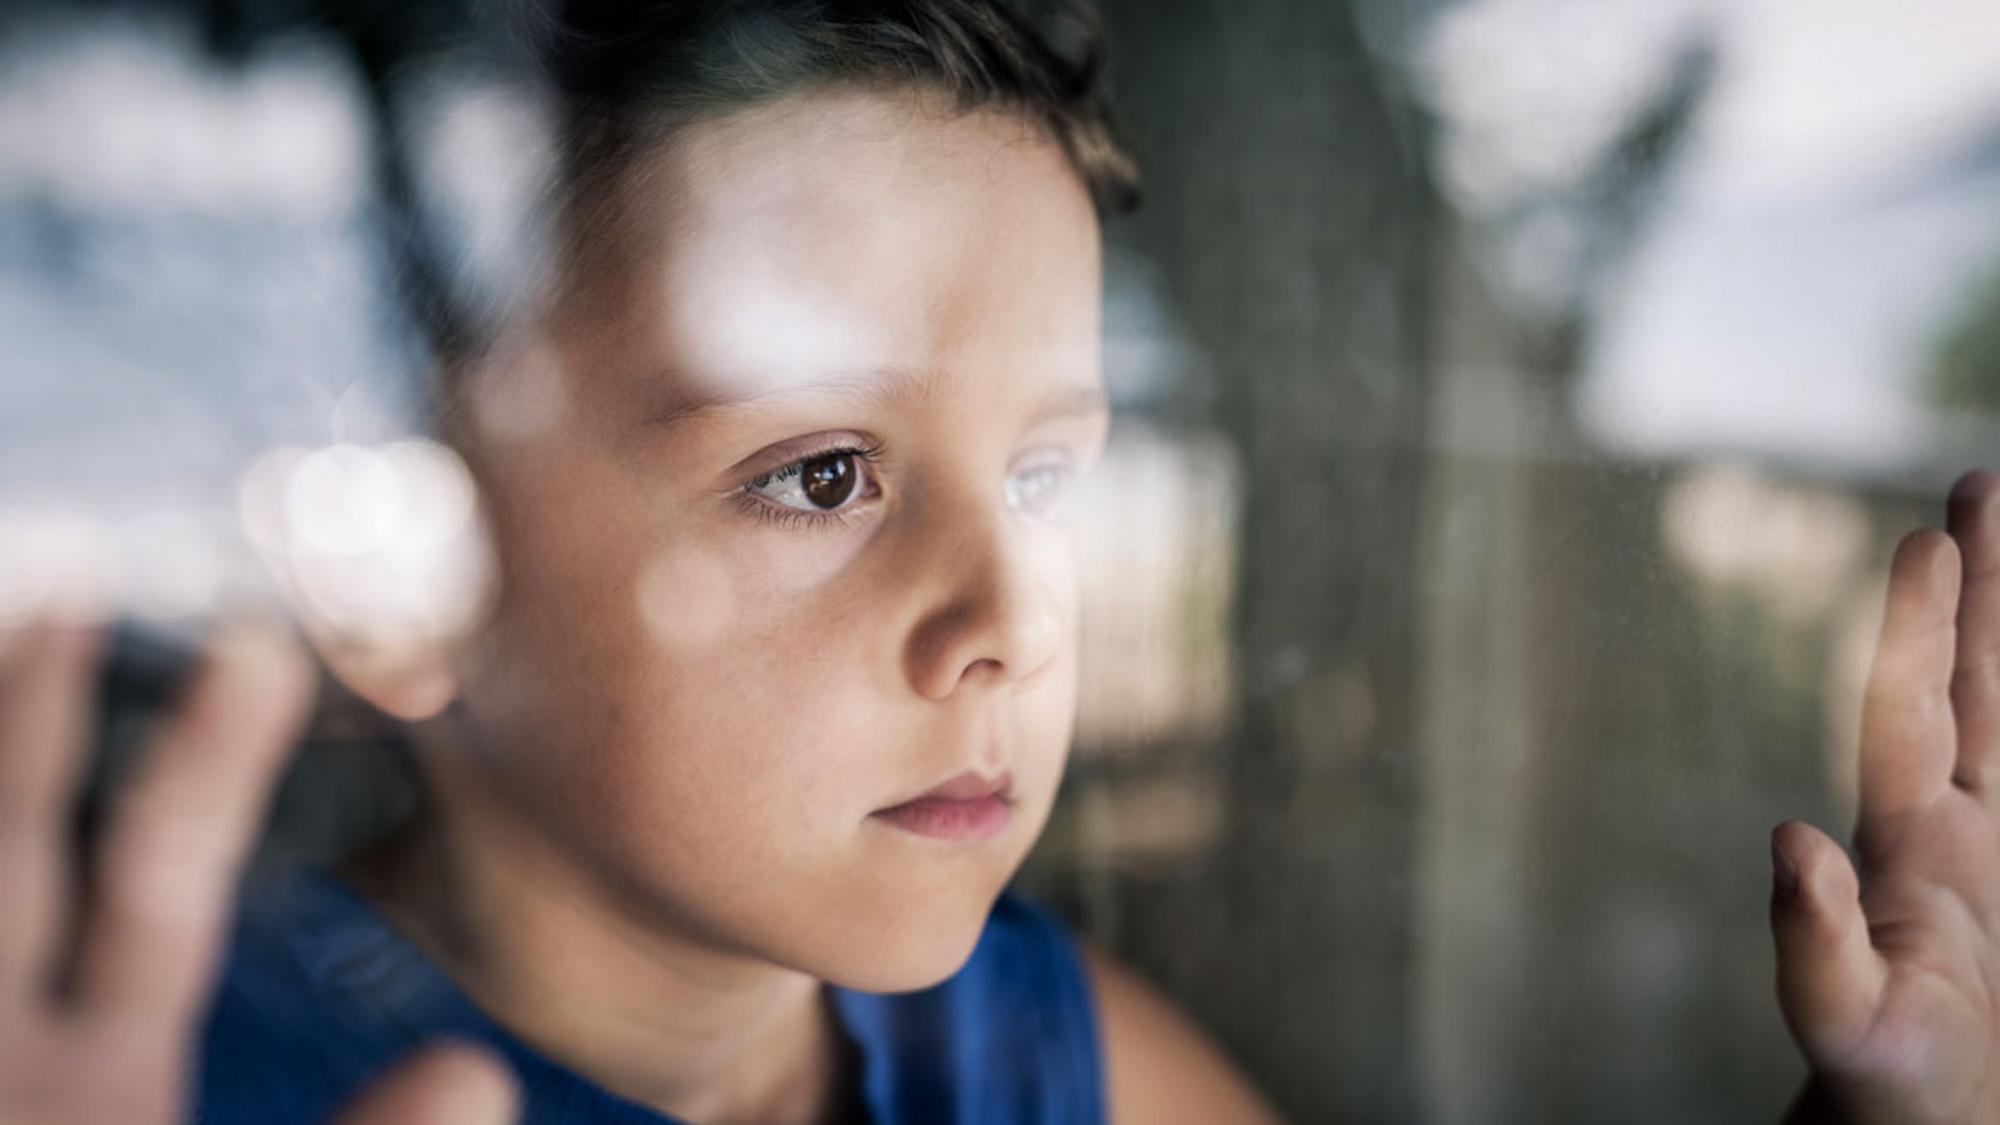 Die Zahl der Angststörungen hat in den vergangenen Jahren in erheblichem Ausmaß zugenommen